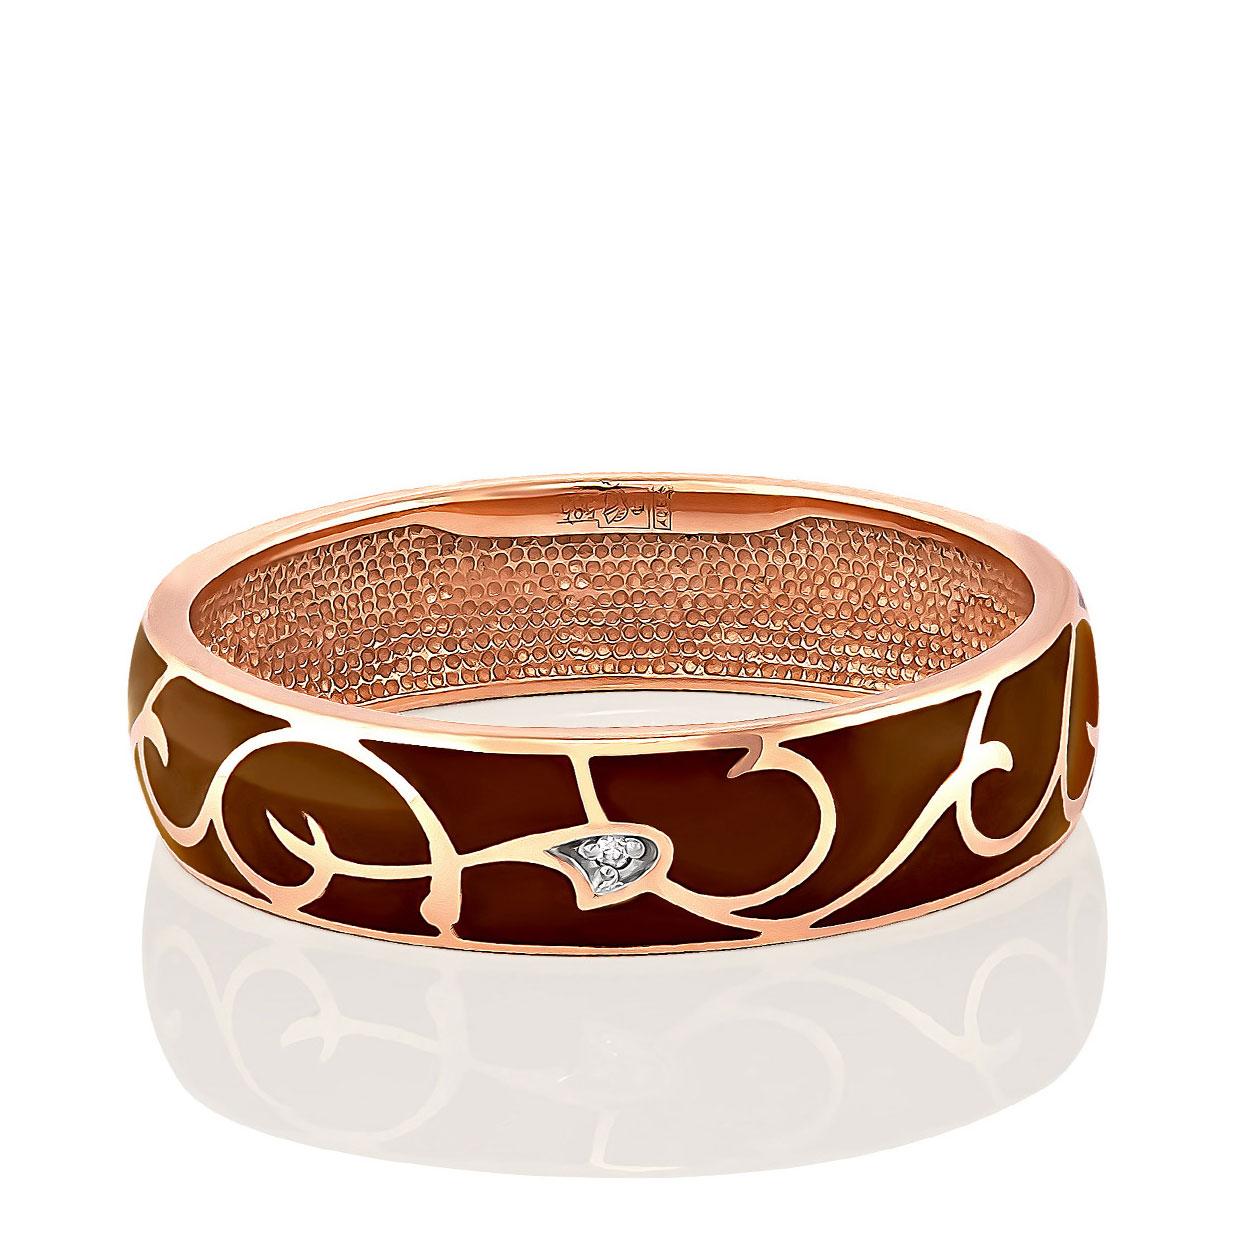 Обручальное кольцо из золота с бриллиантом арт. 1-0337-1016 1-0337-1016